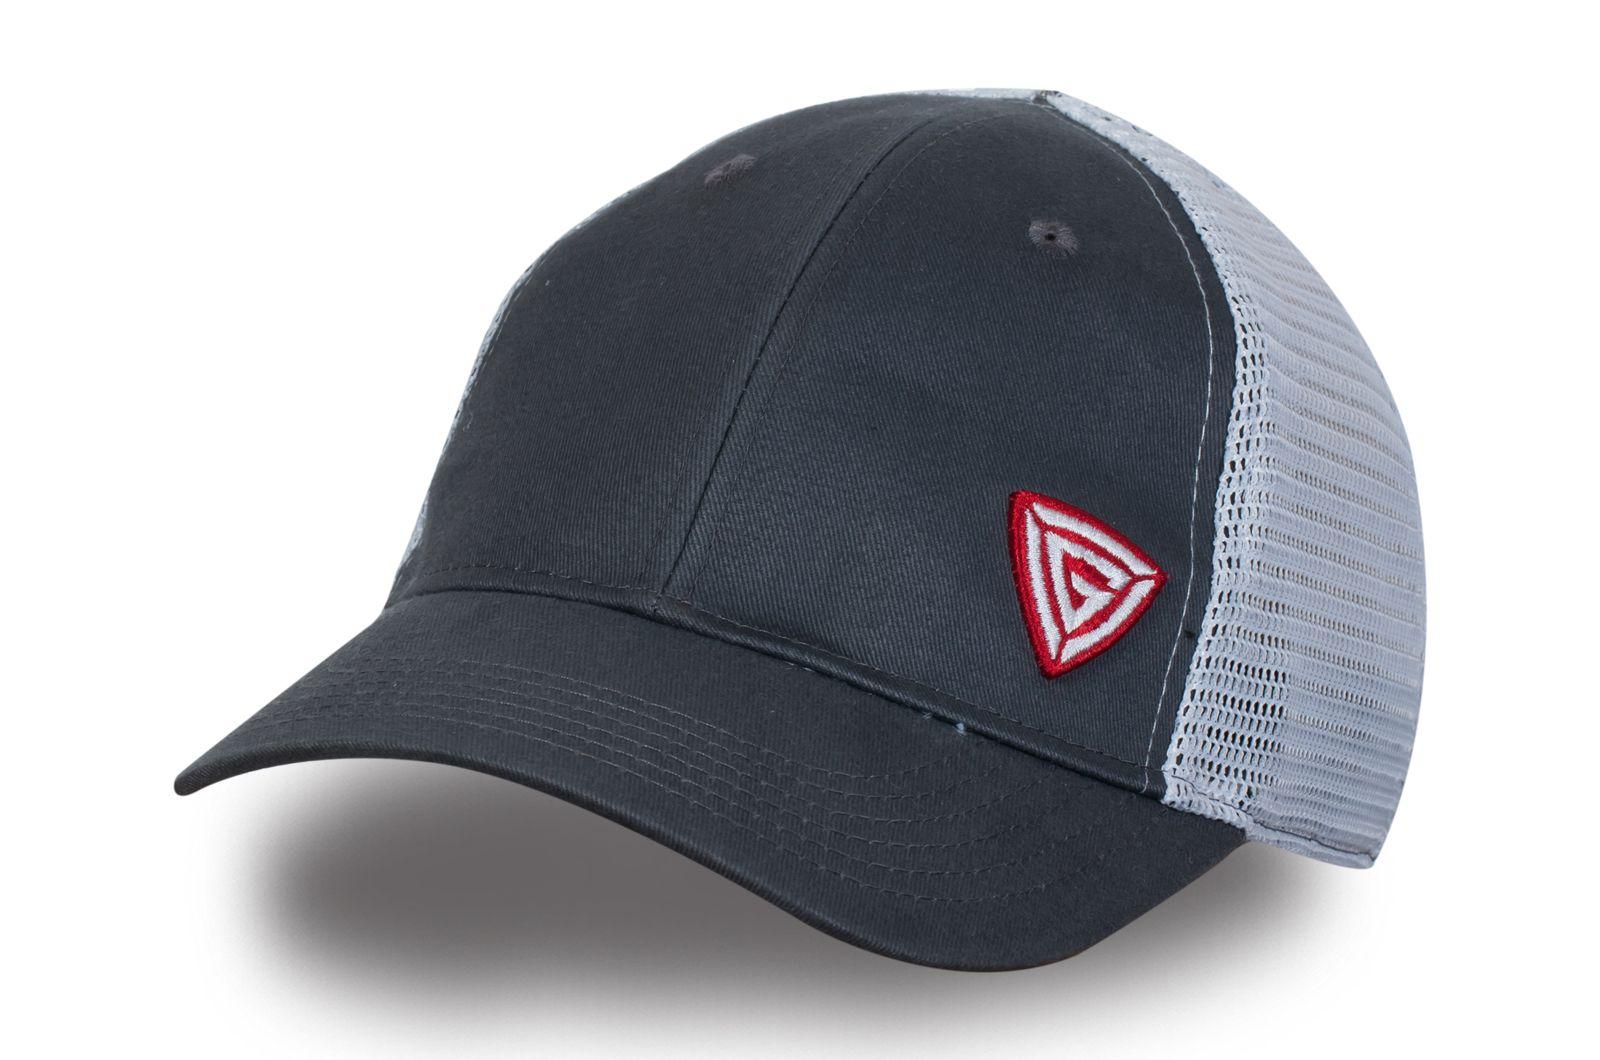 Серая кепка с логотипом - купить в интернет-магазине с доставкой